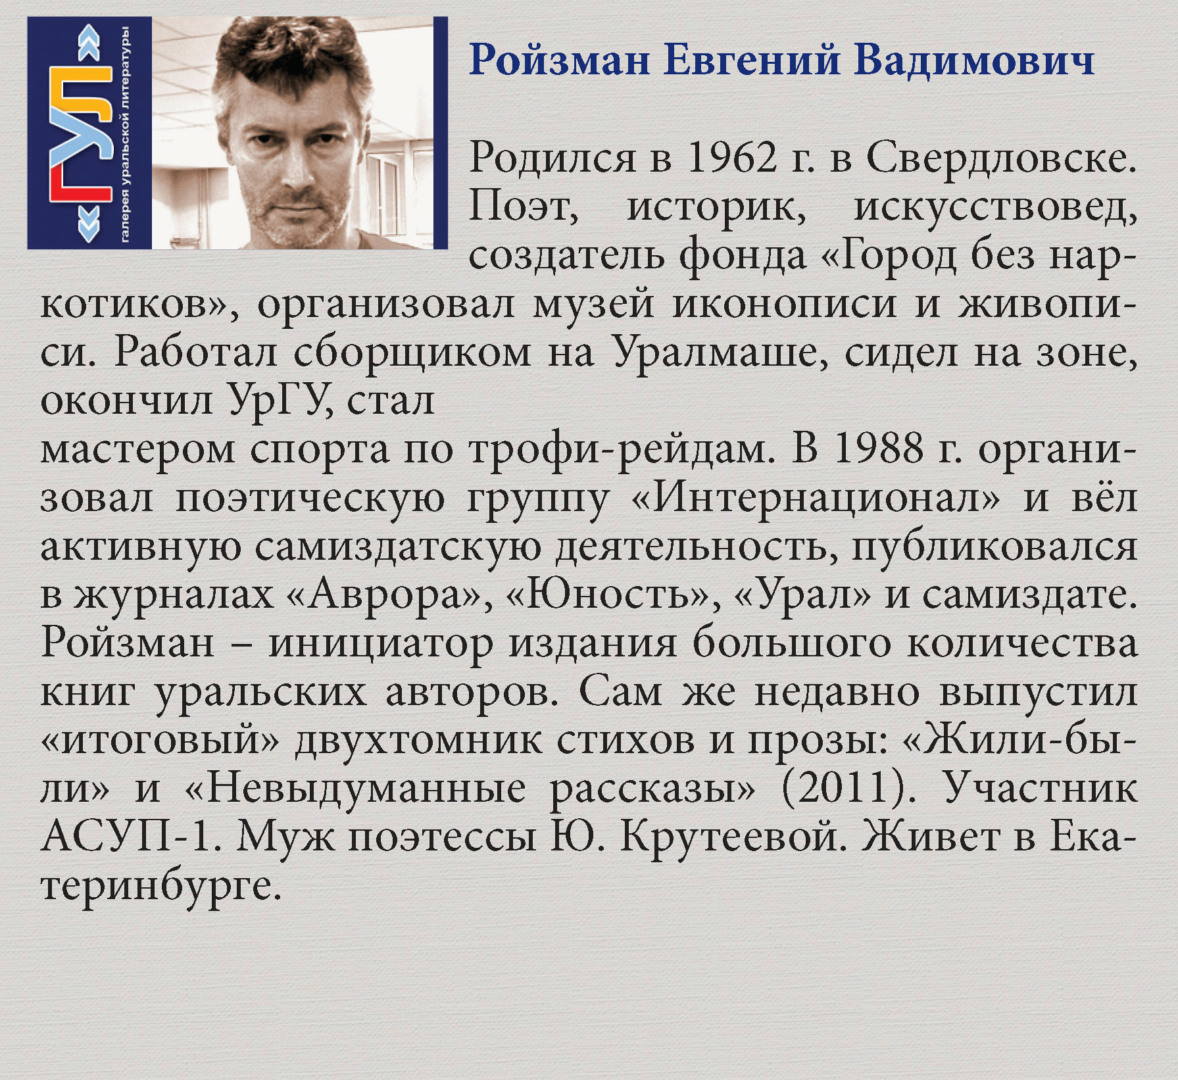 Ройзман Евгений